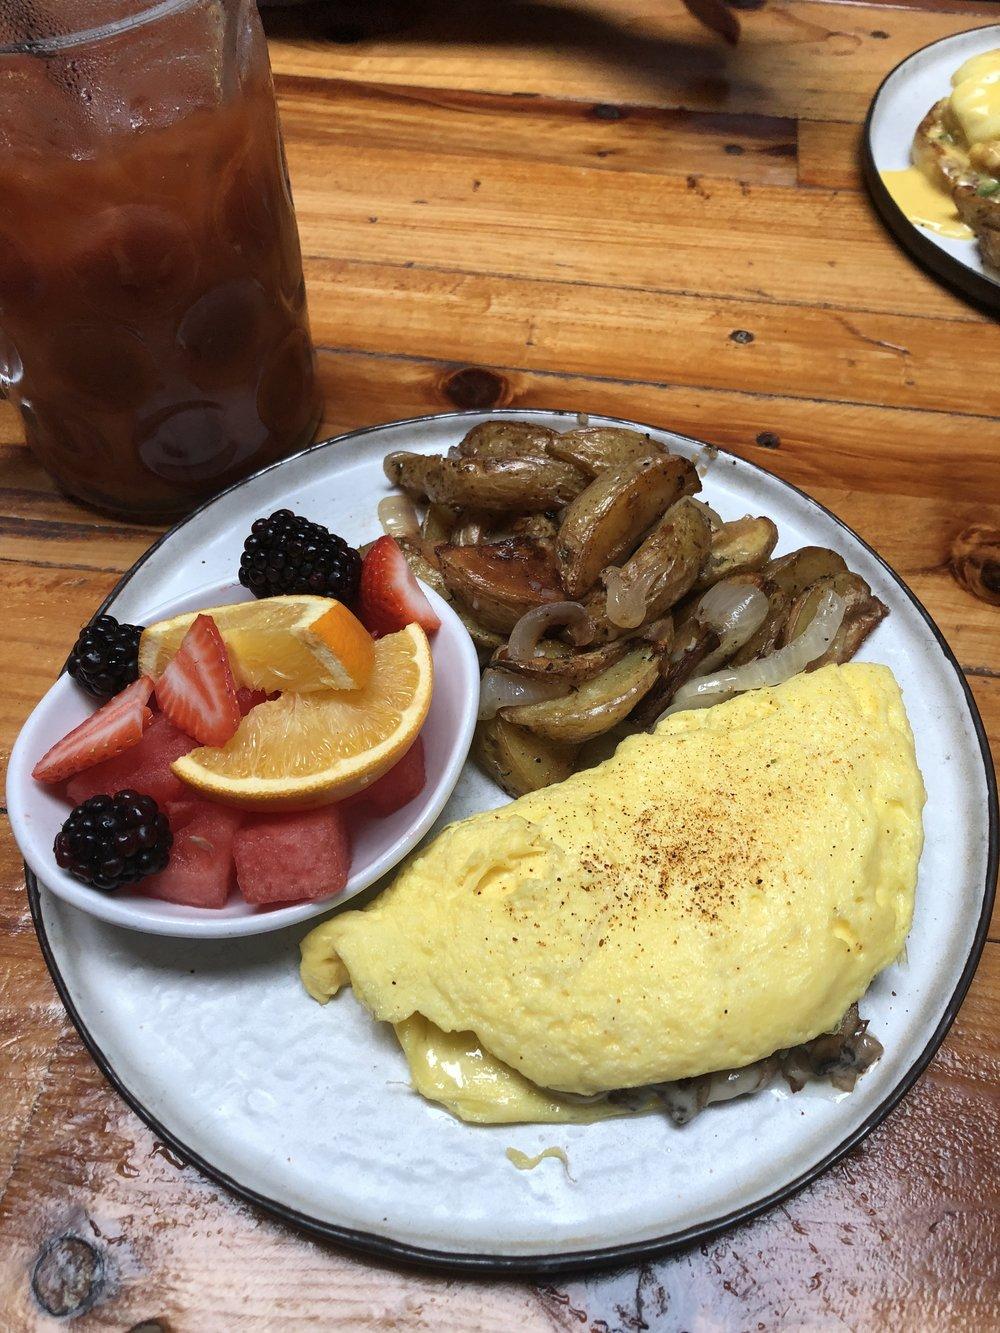 Mmmmmm rosemary breakfast potatoes and a great veggie omelet